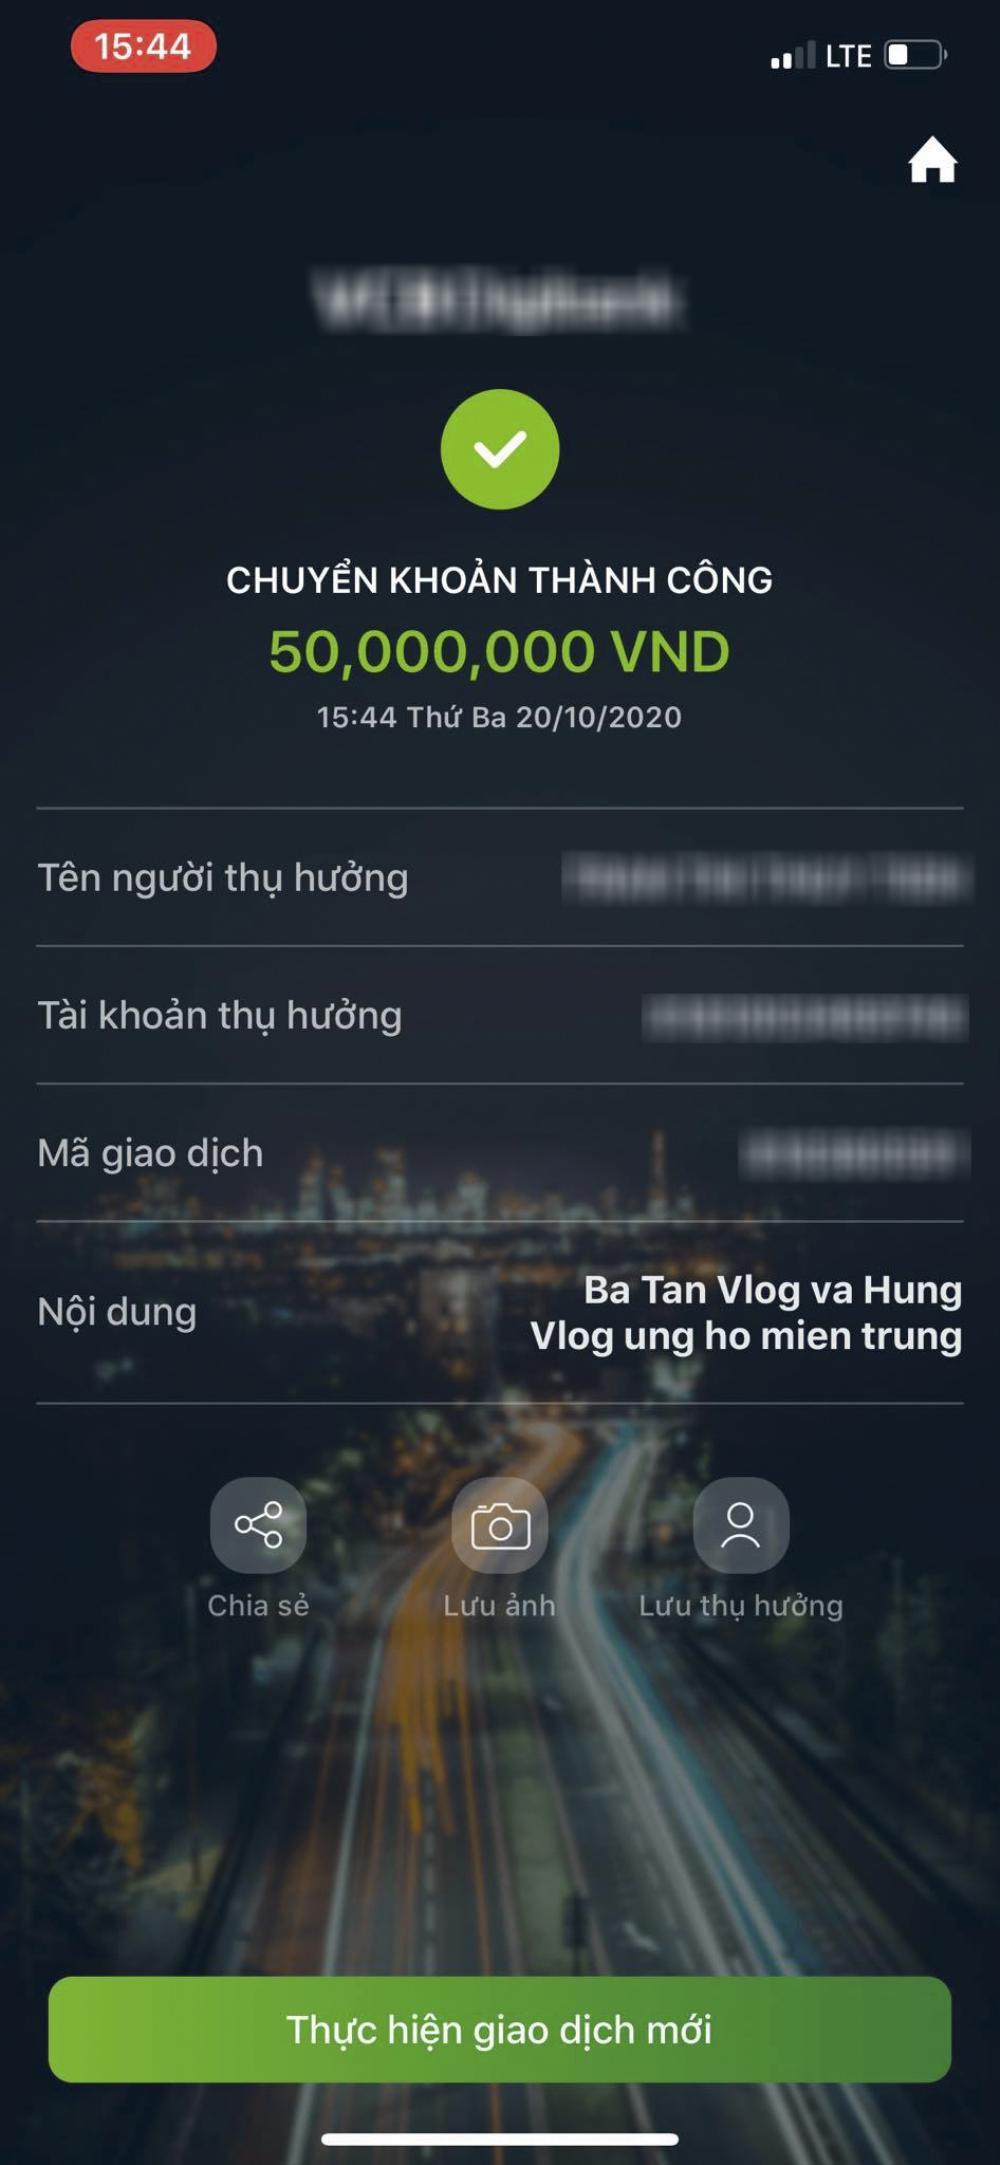 Ủng hộ miền Trung 50 triệu đồng, Bà Tân Vlog vẫn bị buông lời cạnh khoé vì lý do không tưởng Ảnh 2